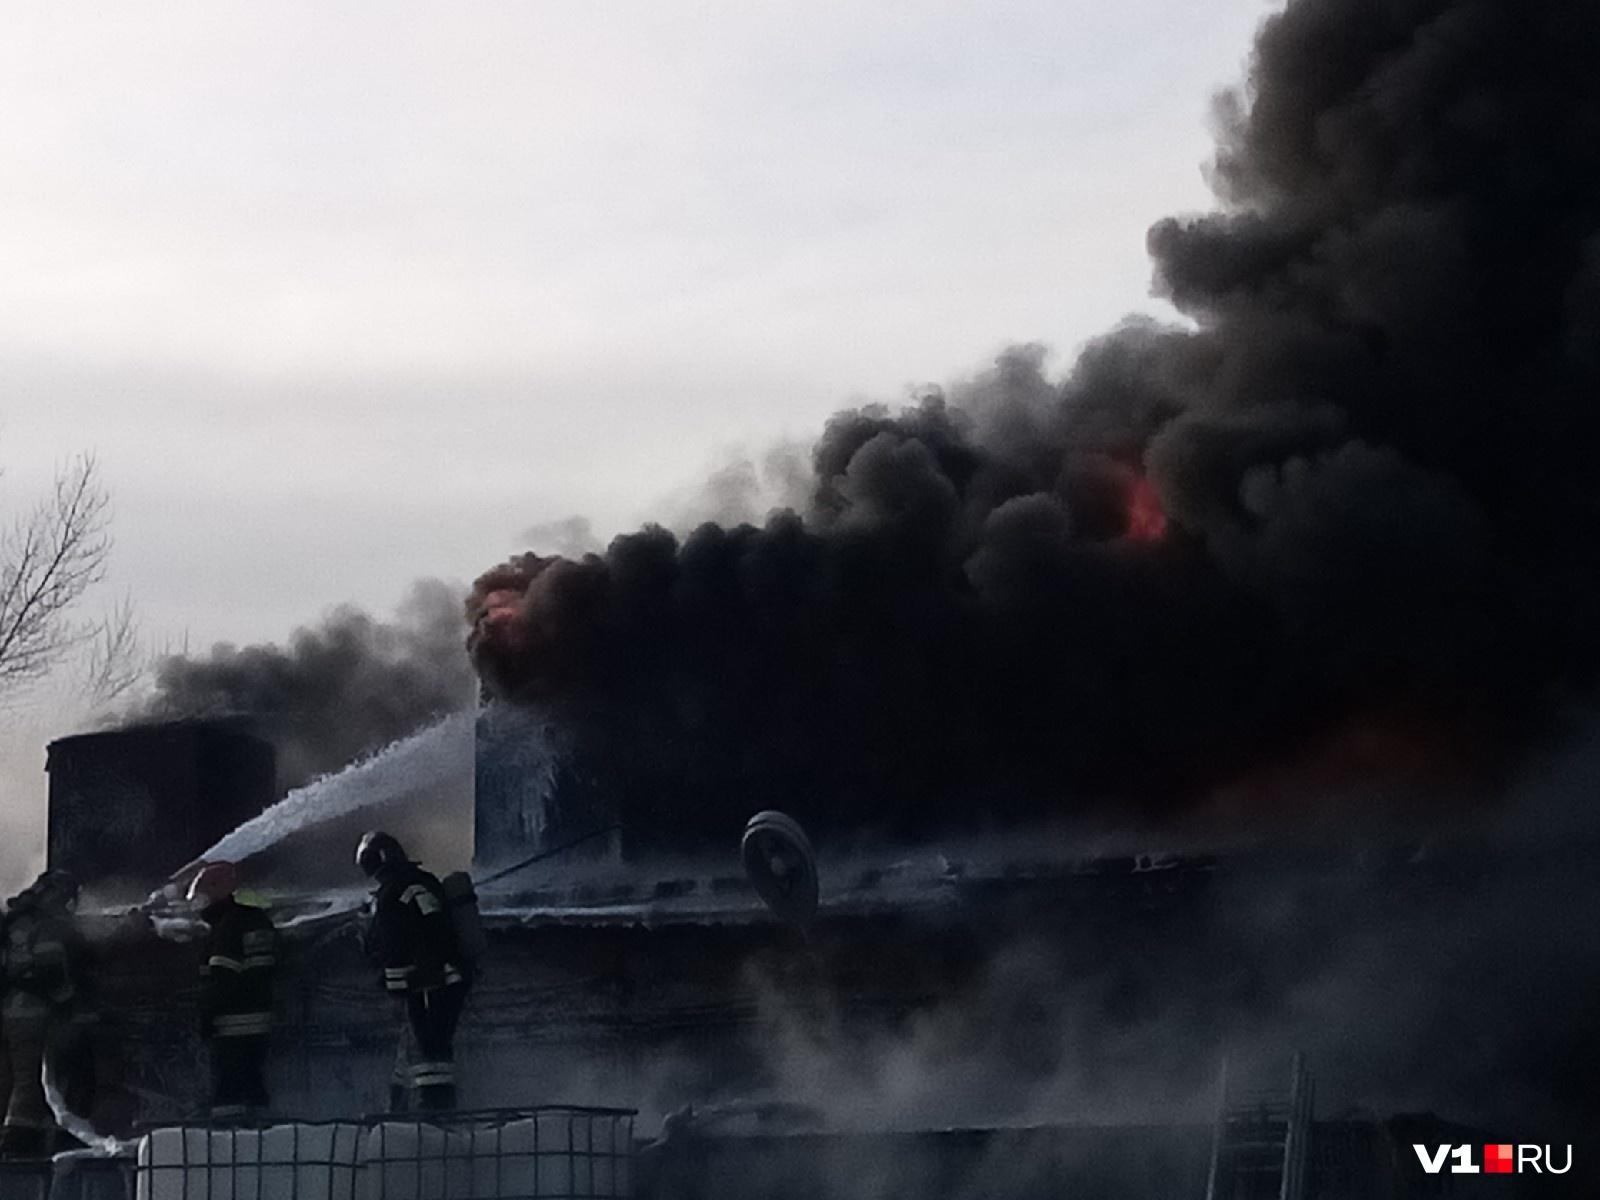 Огонь периодически усиливается после взрывов банок с продукцией